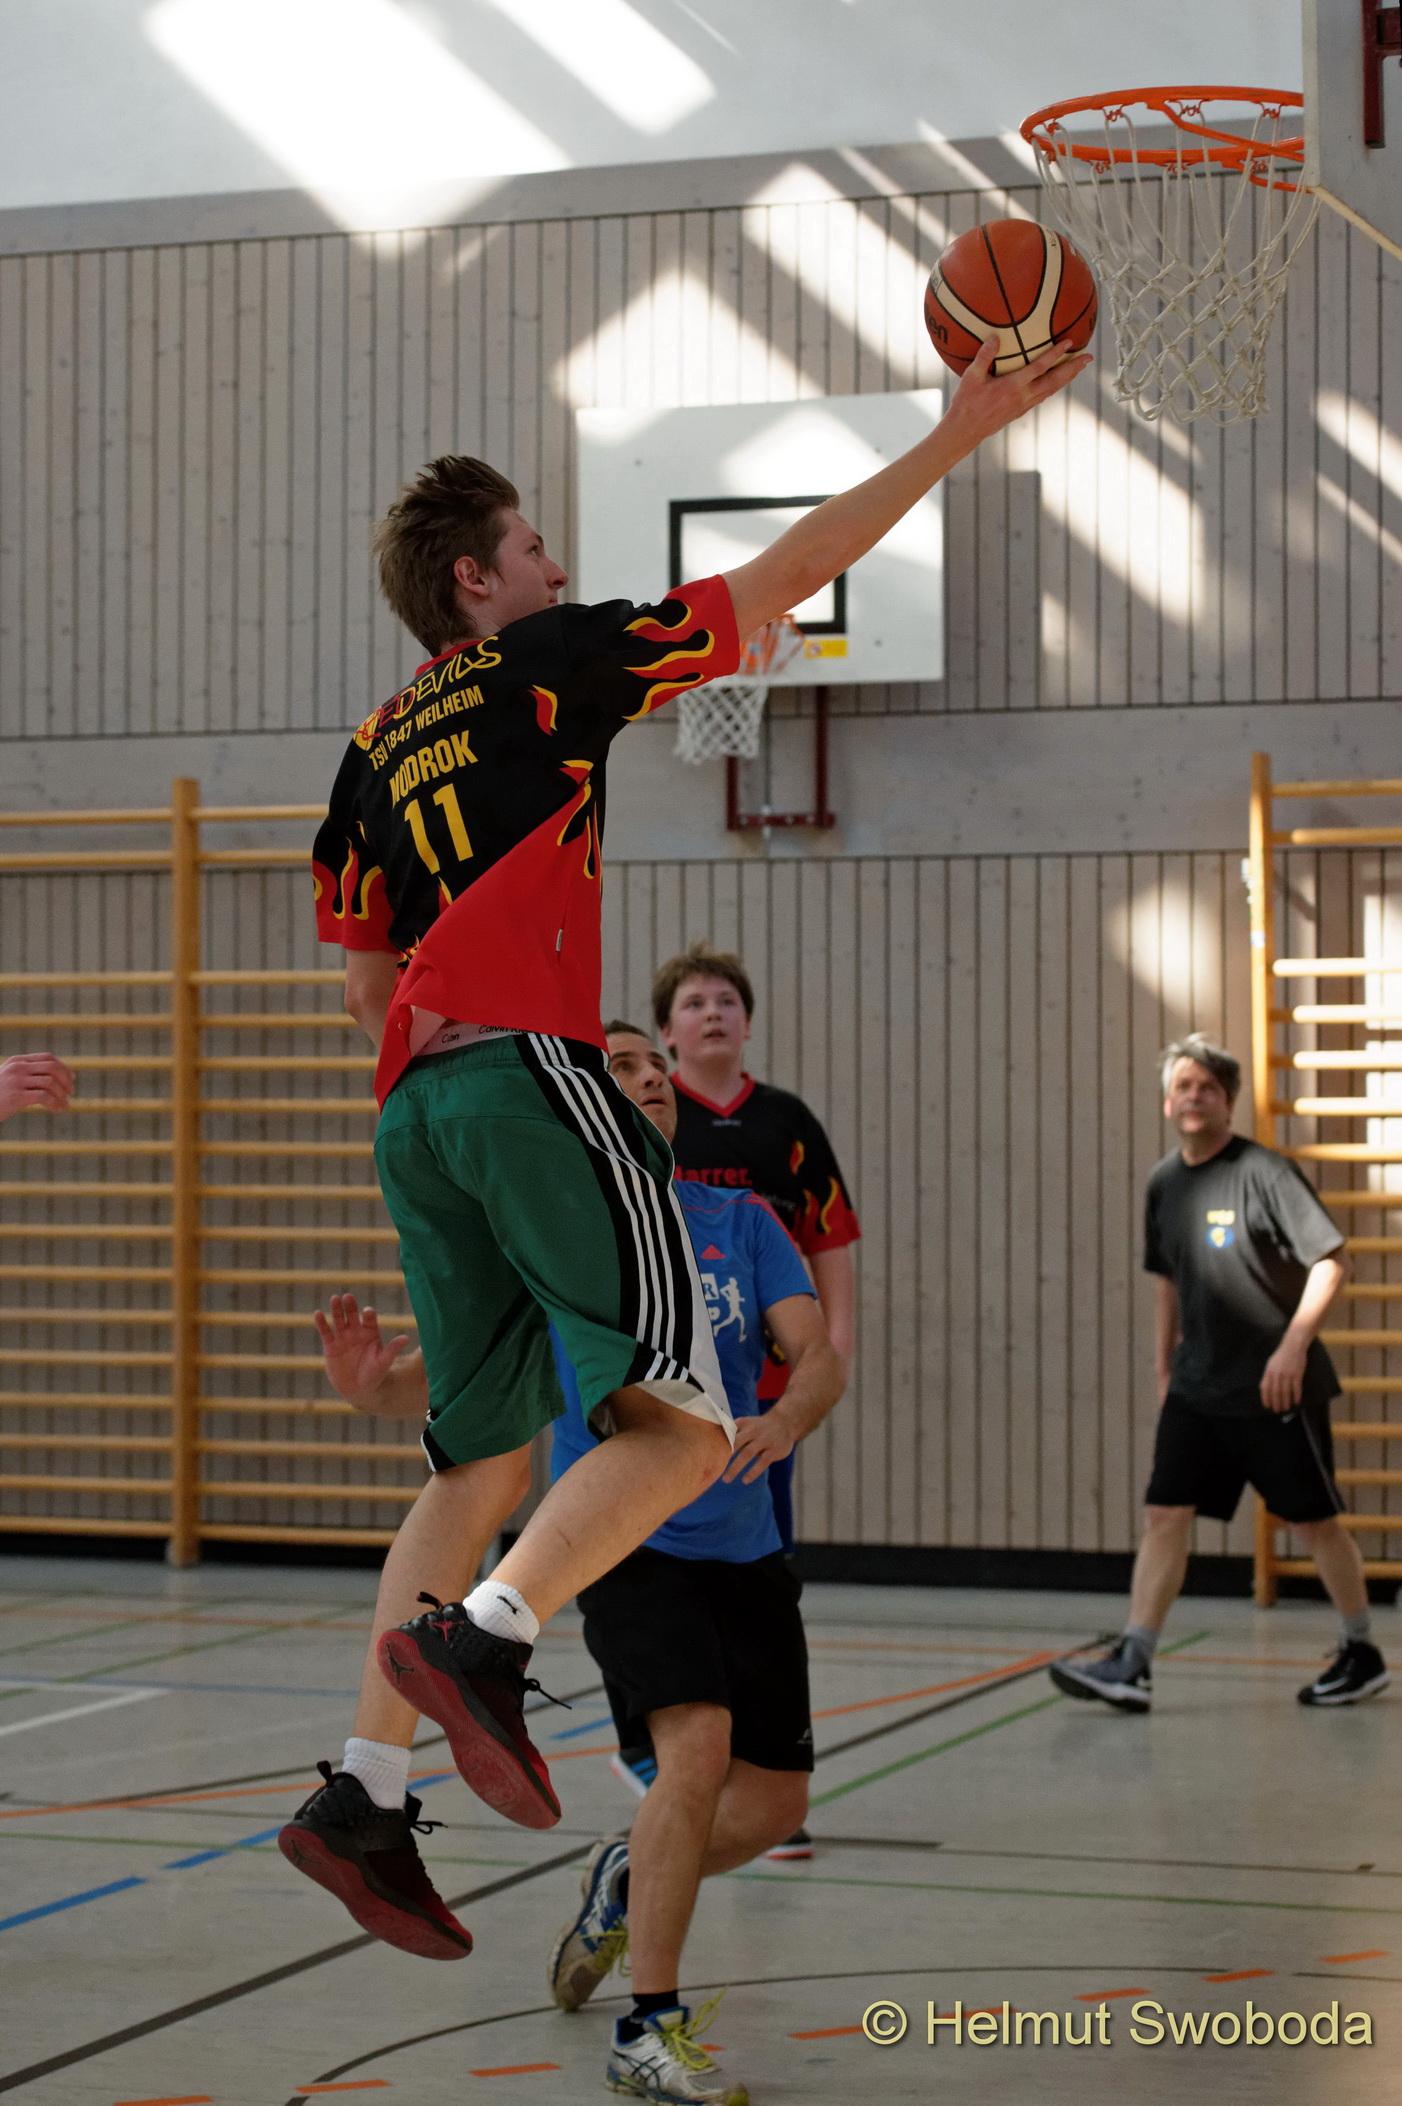 d170402-161509900-100-basketball_weilheim-mixed-turnier_33000553013_o